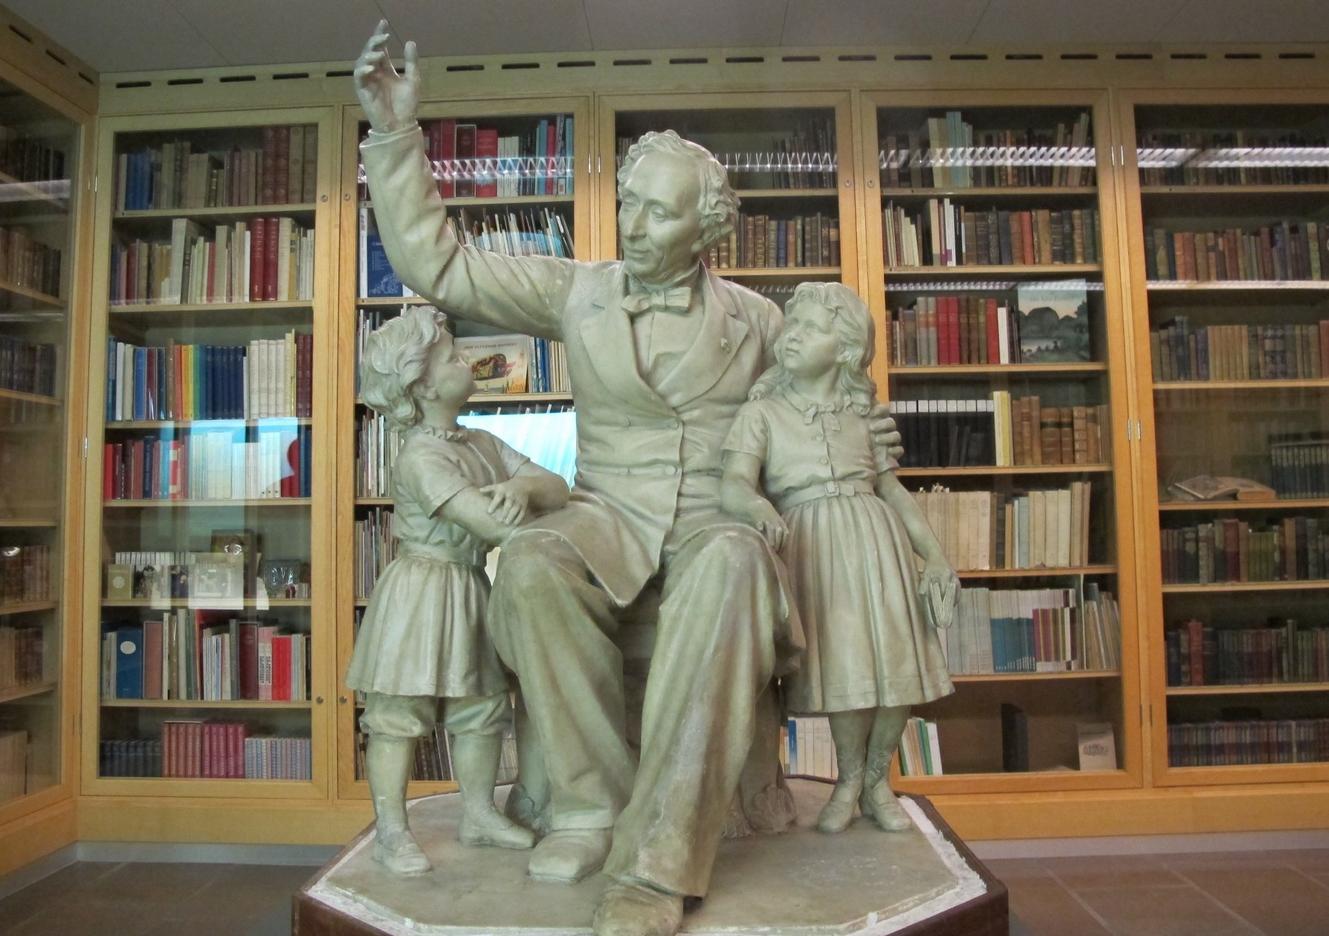 Статуя Ганса Христиана Андерсена в музее